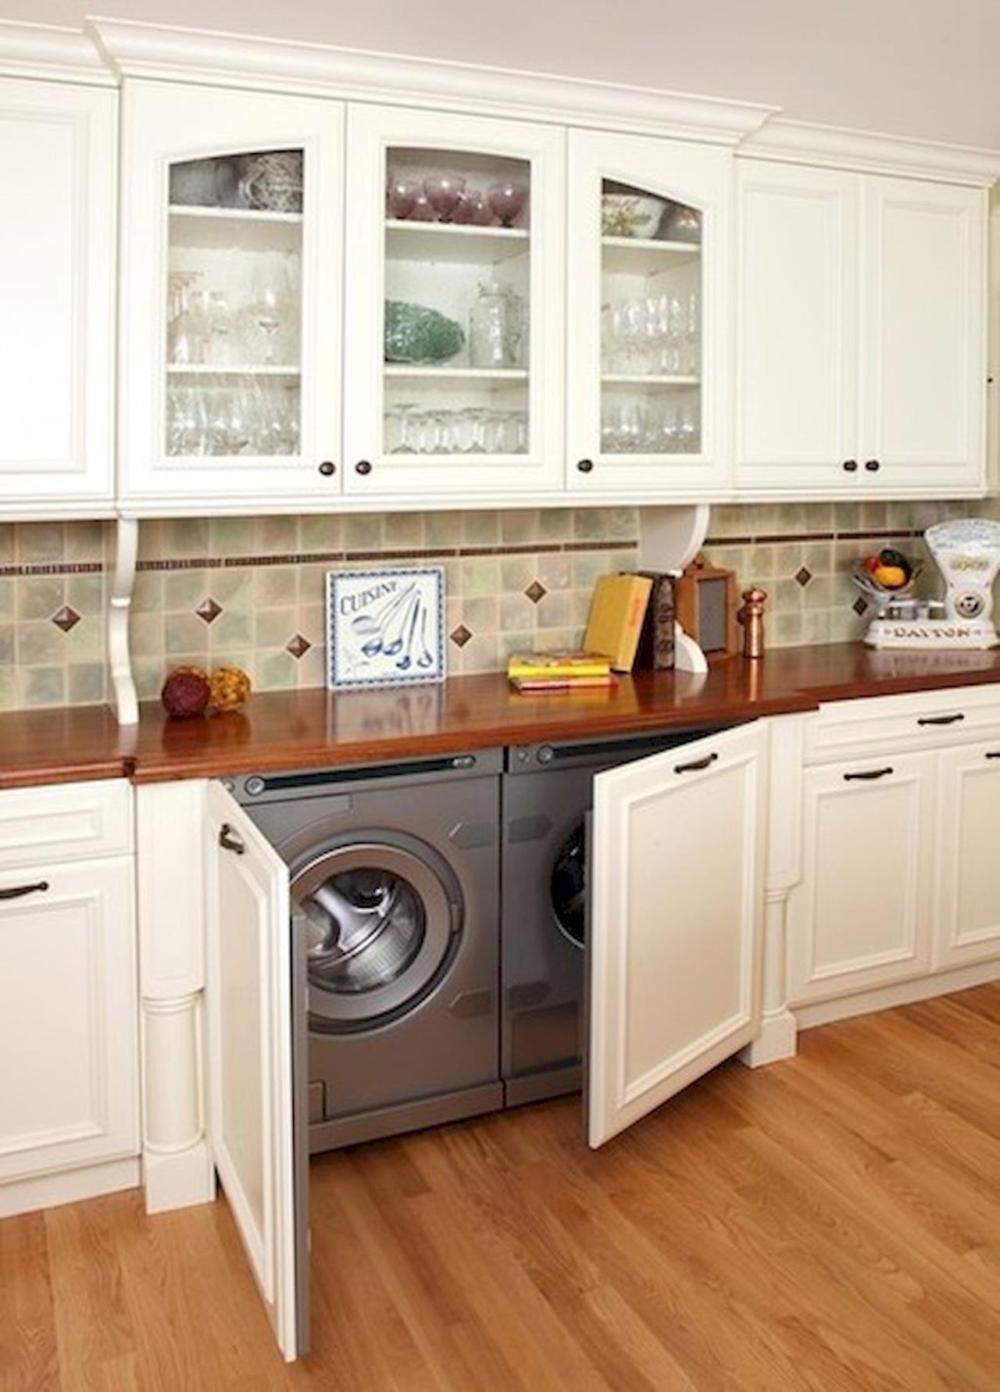 Ausgezeichnet Ideen Für Küchenschrank Umarbeitungen Ideen - Ideen ...